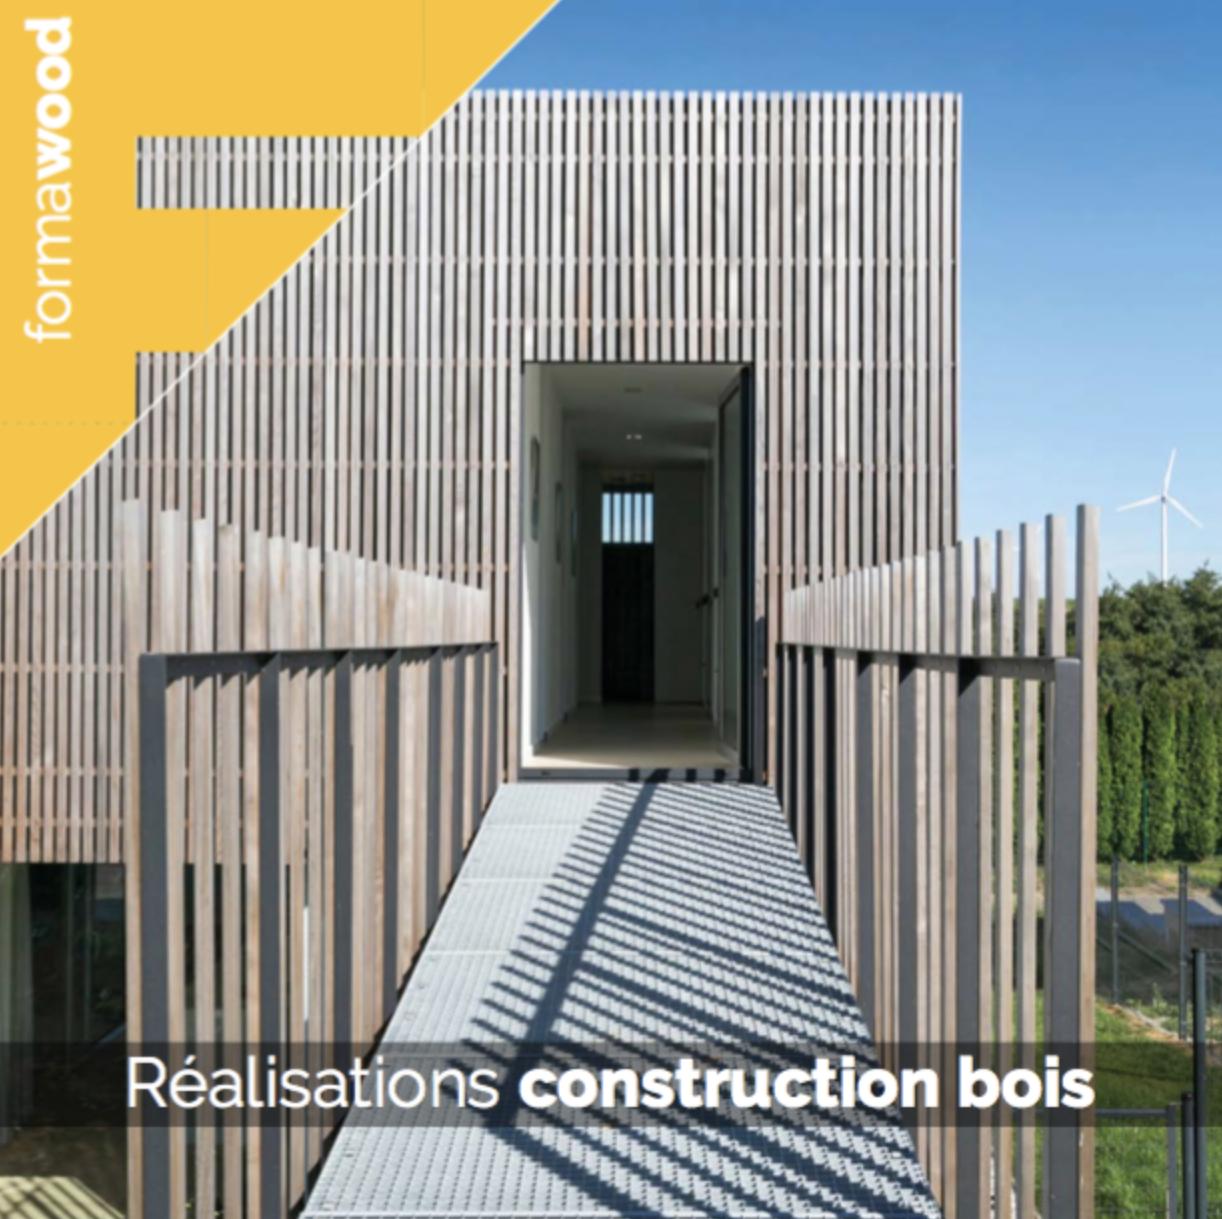 Nouveau carnet d'architecture - Réalisations construction bois